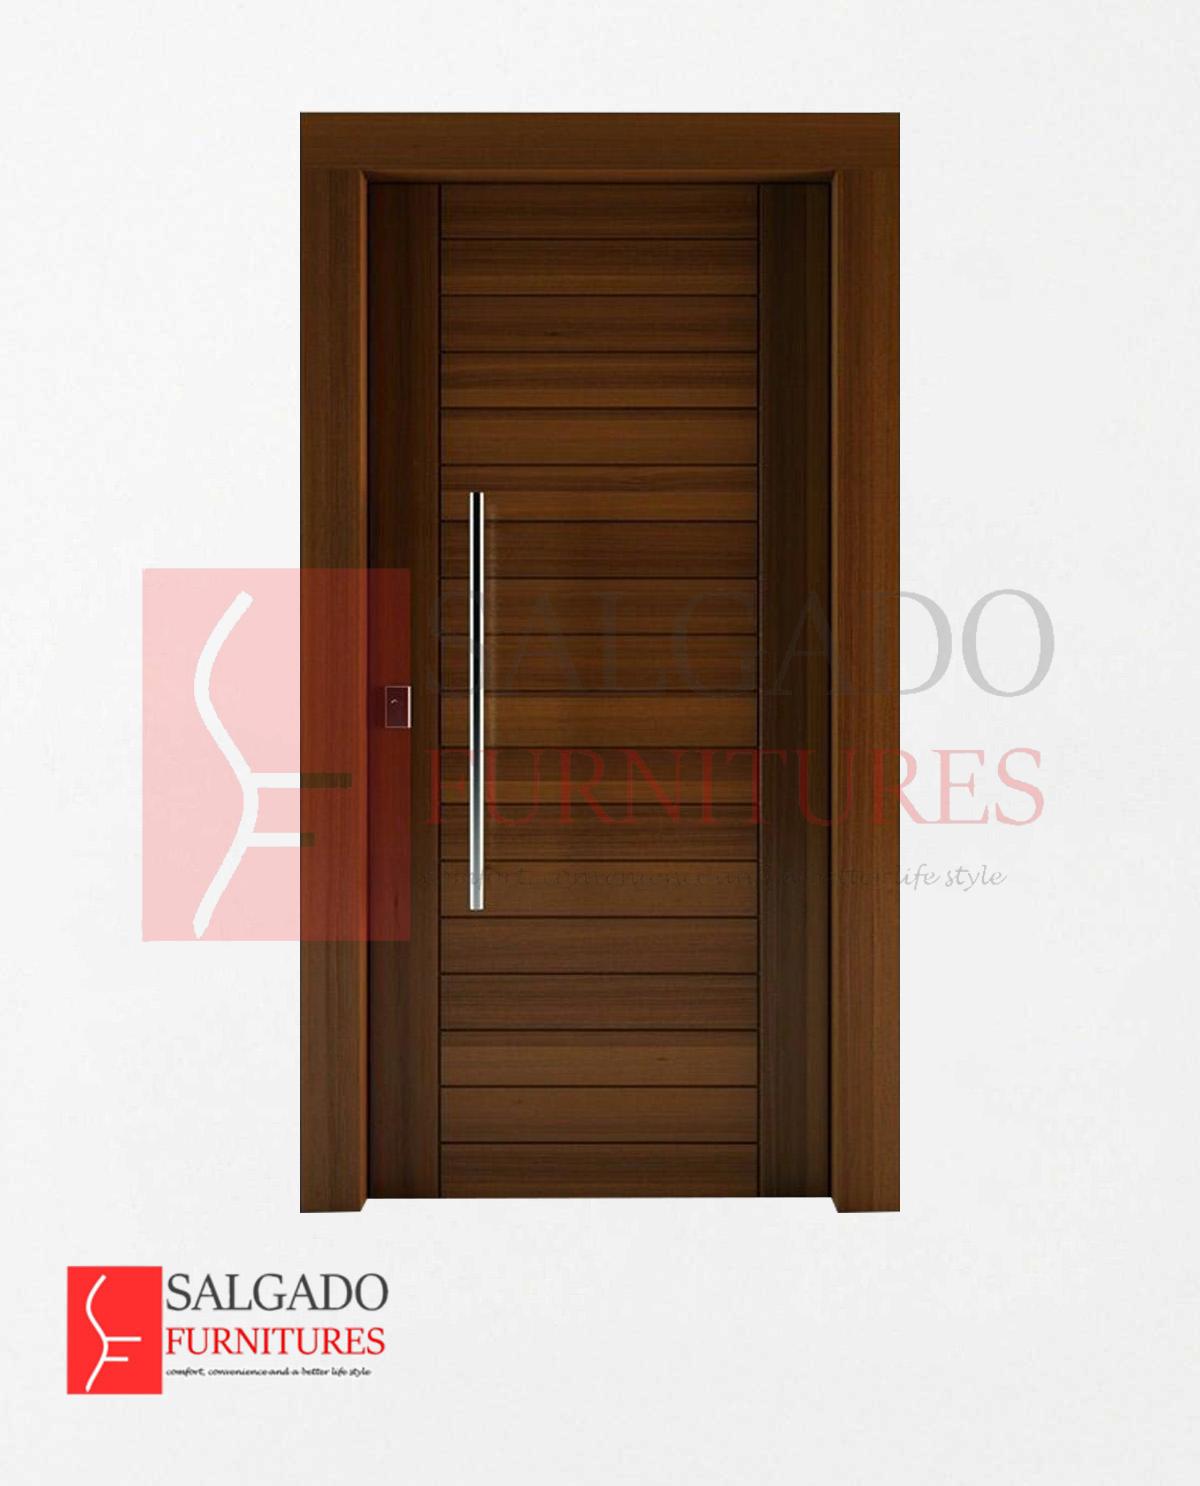 teak-door-manufactures-salgado-furnitures